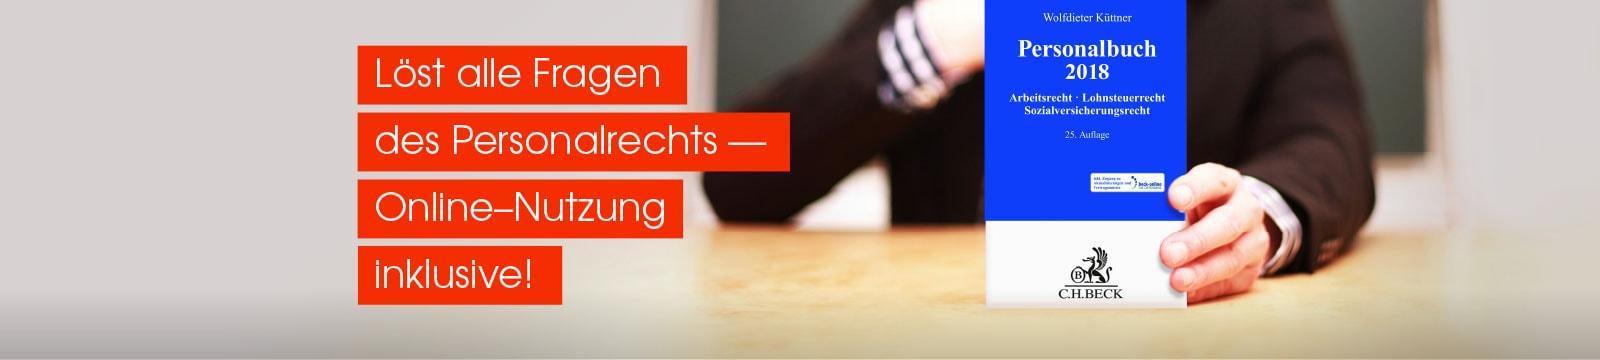 singlebörsen österreich bewertung rohrbach